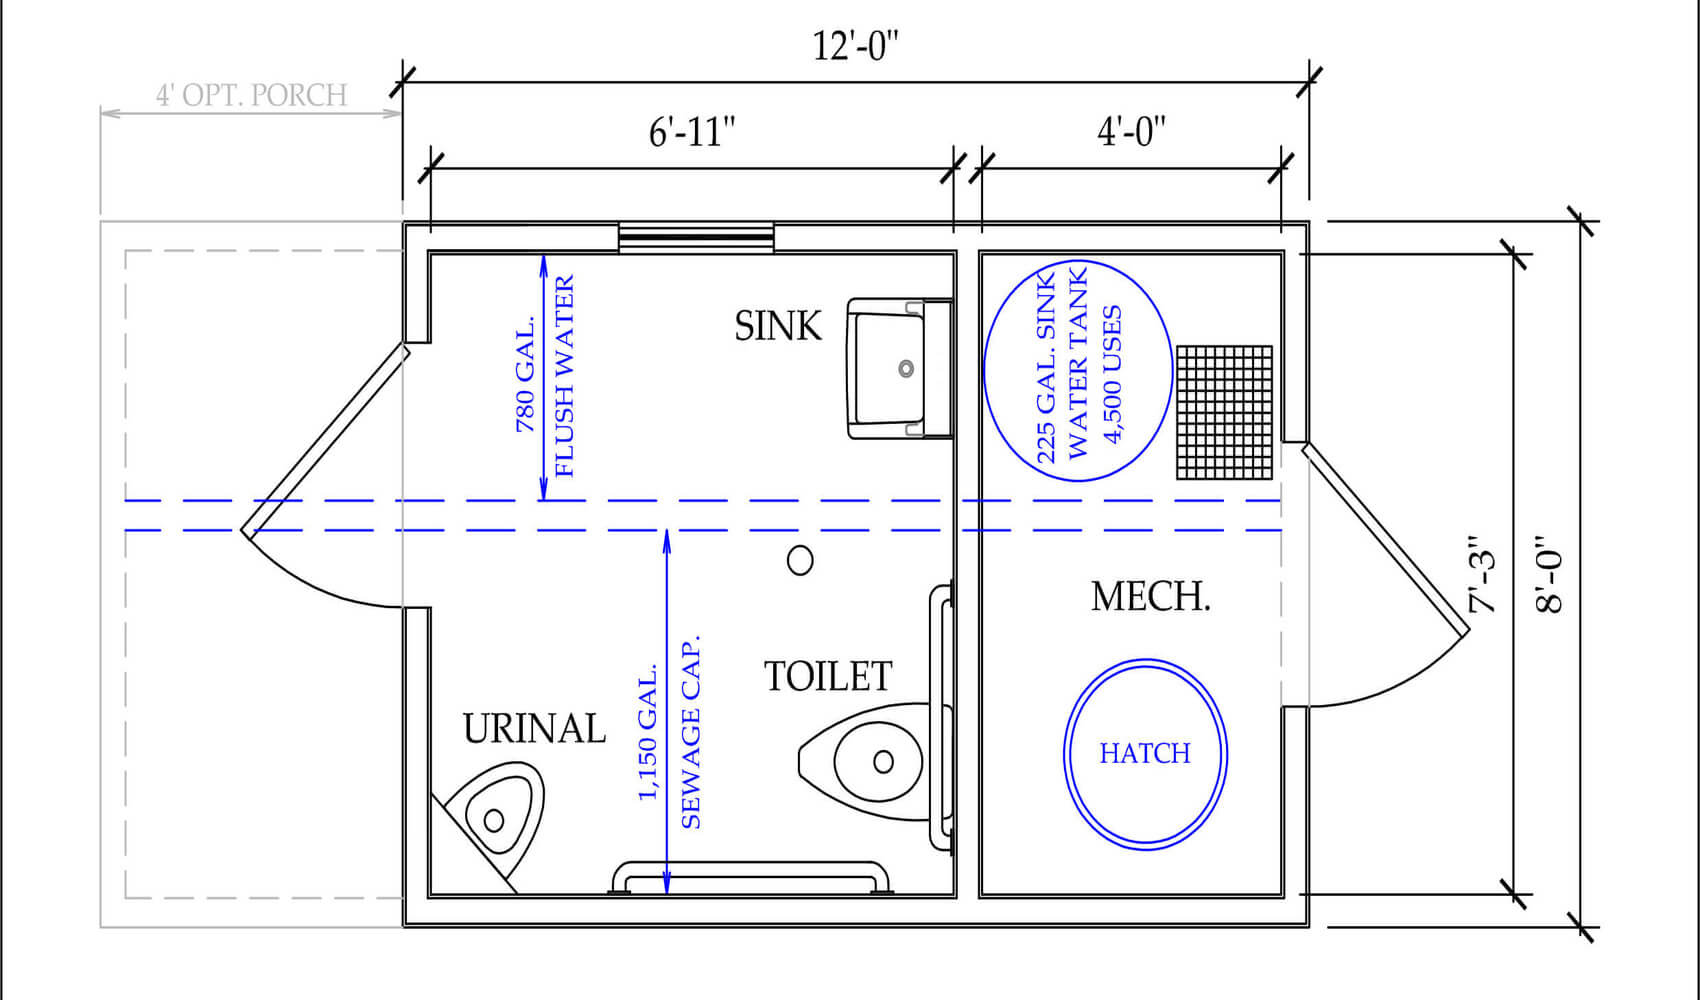 plans for Remote Restrooms